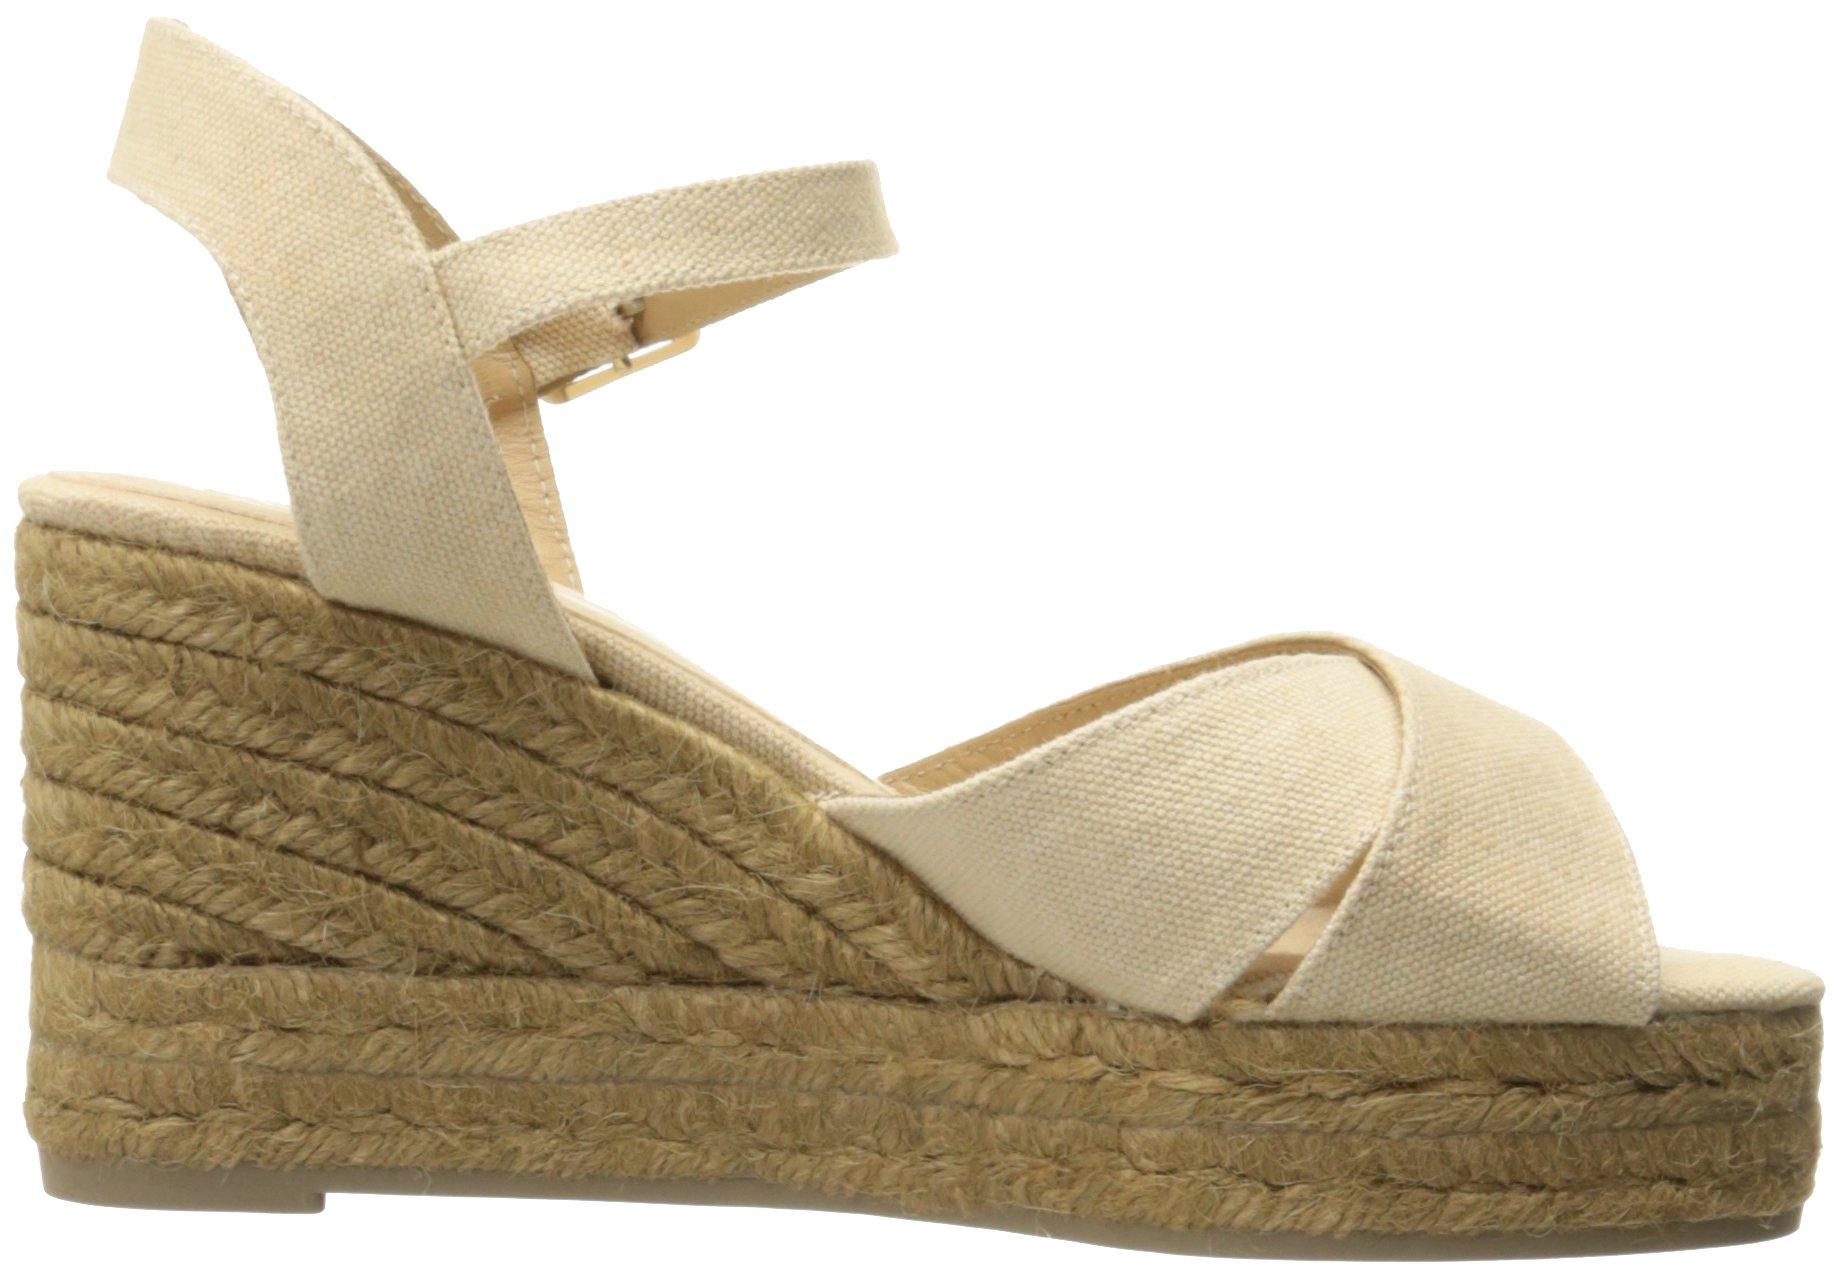 Castaner Women's Blaudell Platform Sandal, Nude (Beige), 37 EU/6.5 N US by Castaner (Image #7)